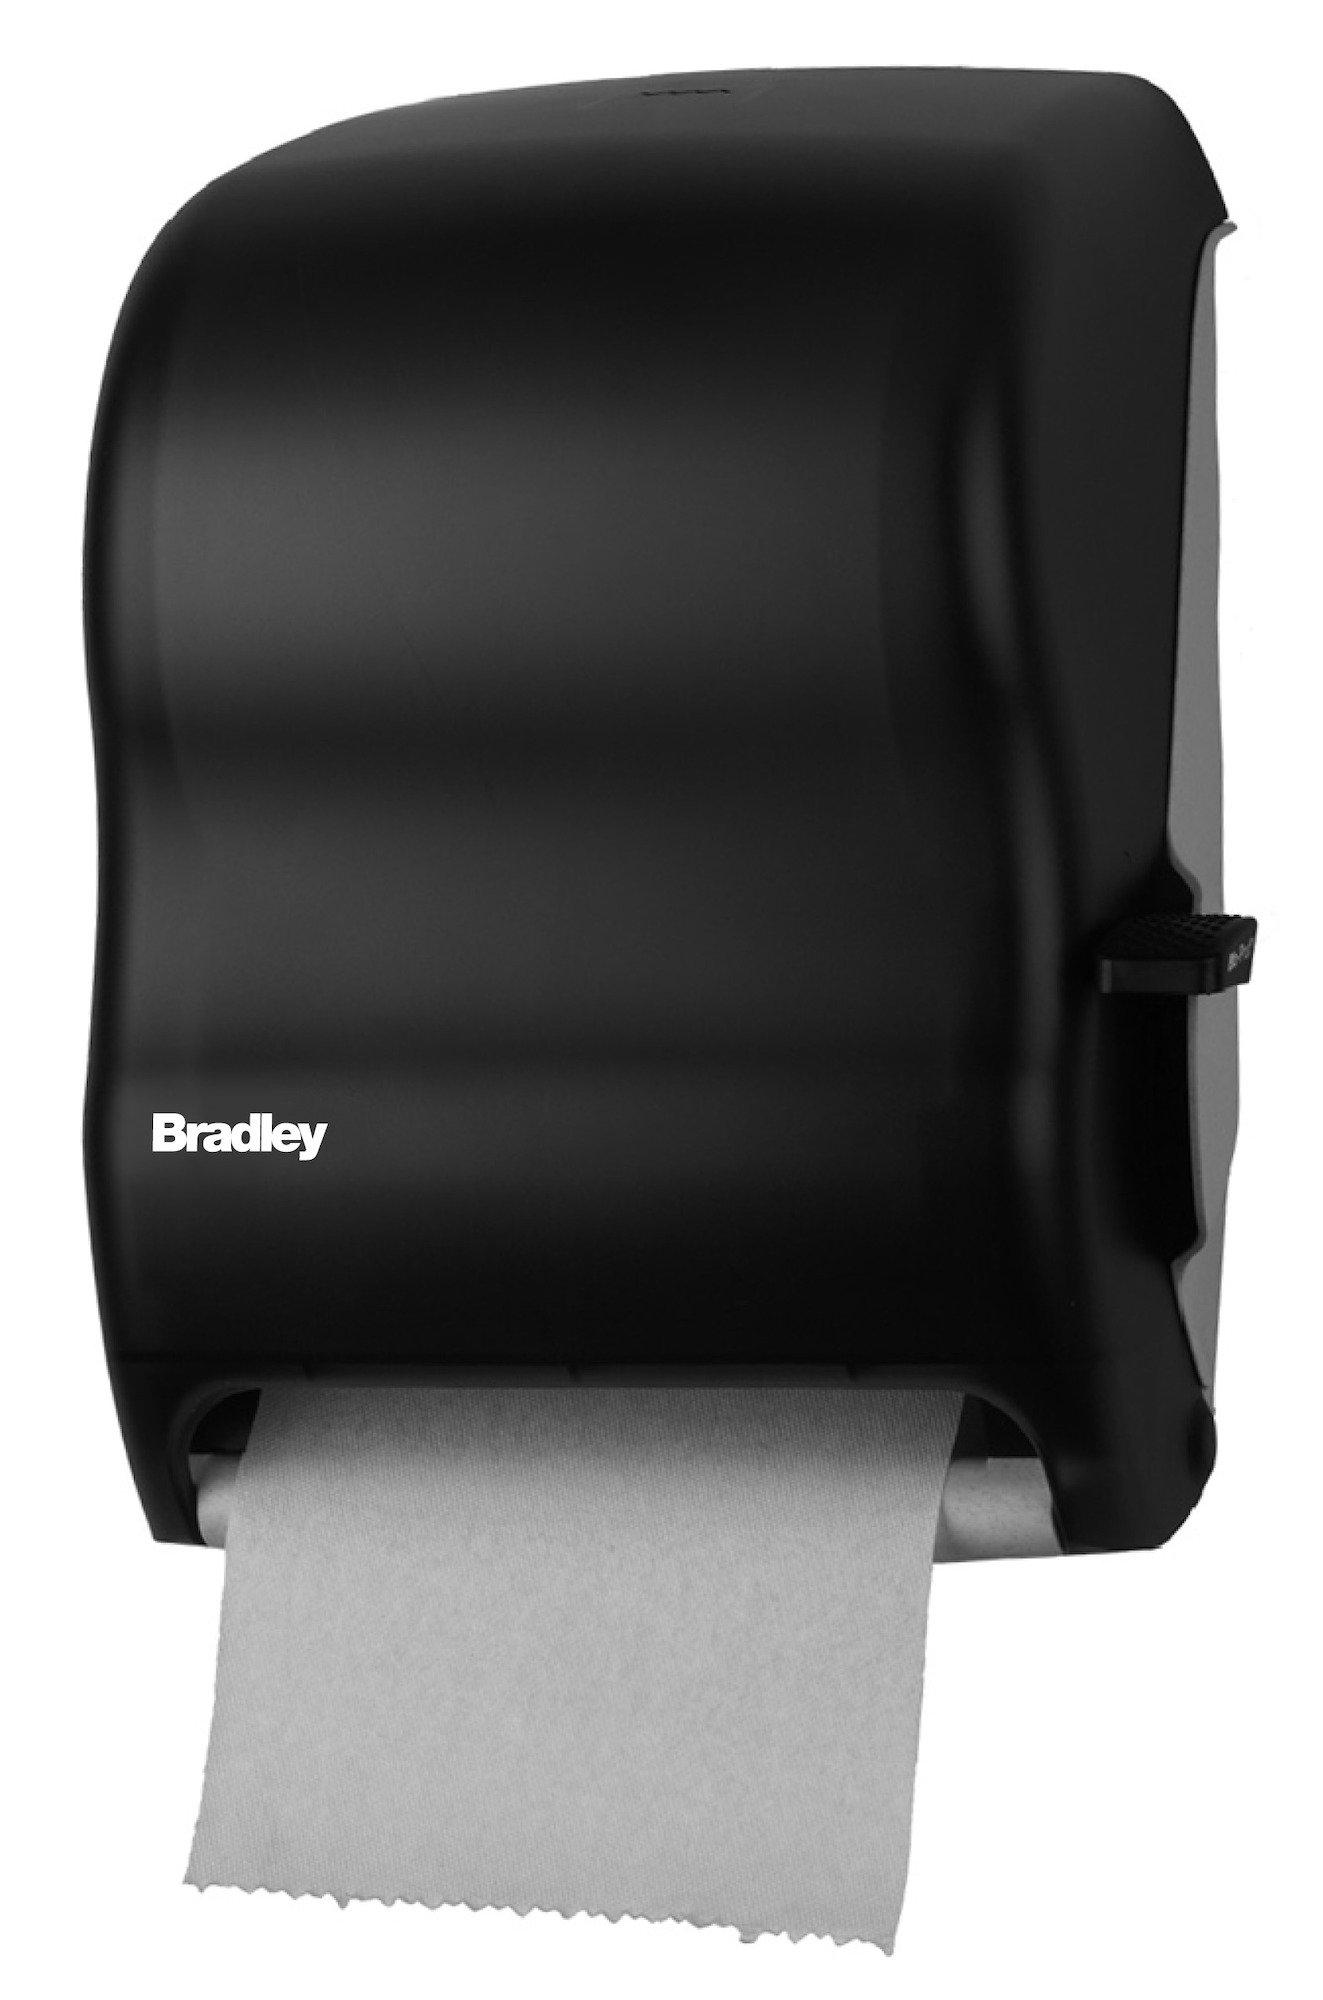 Bradley Paper Towel Dispensers Commercial 2495 | Accurate Door & Hardware, Inc